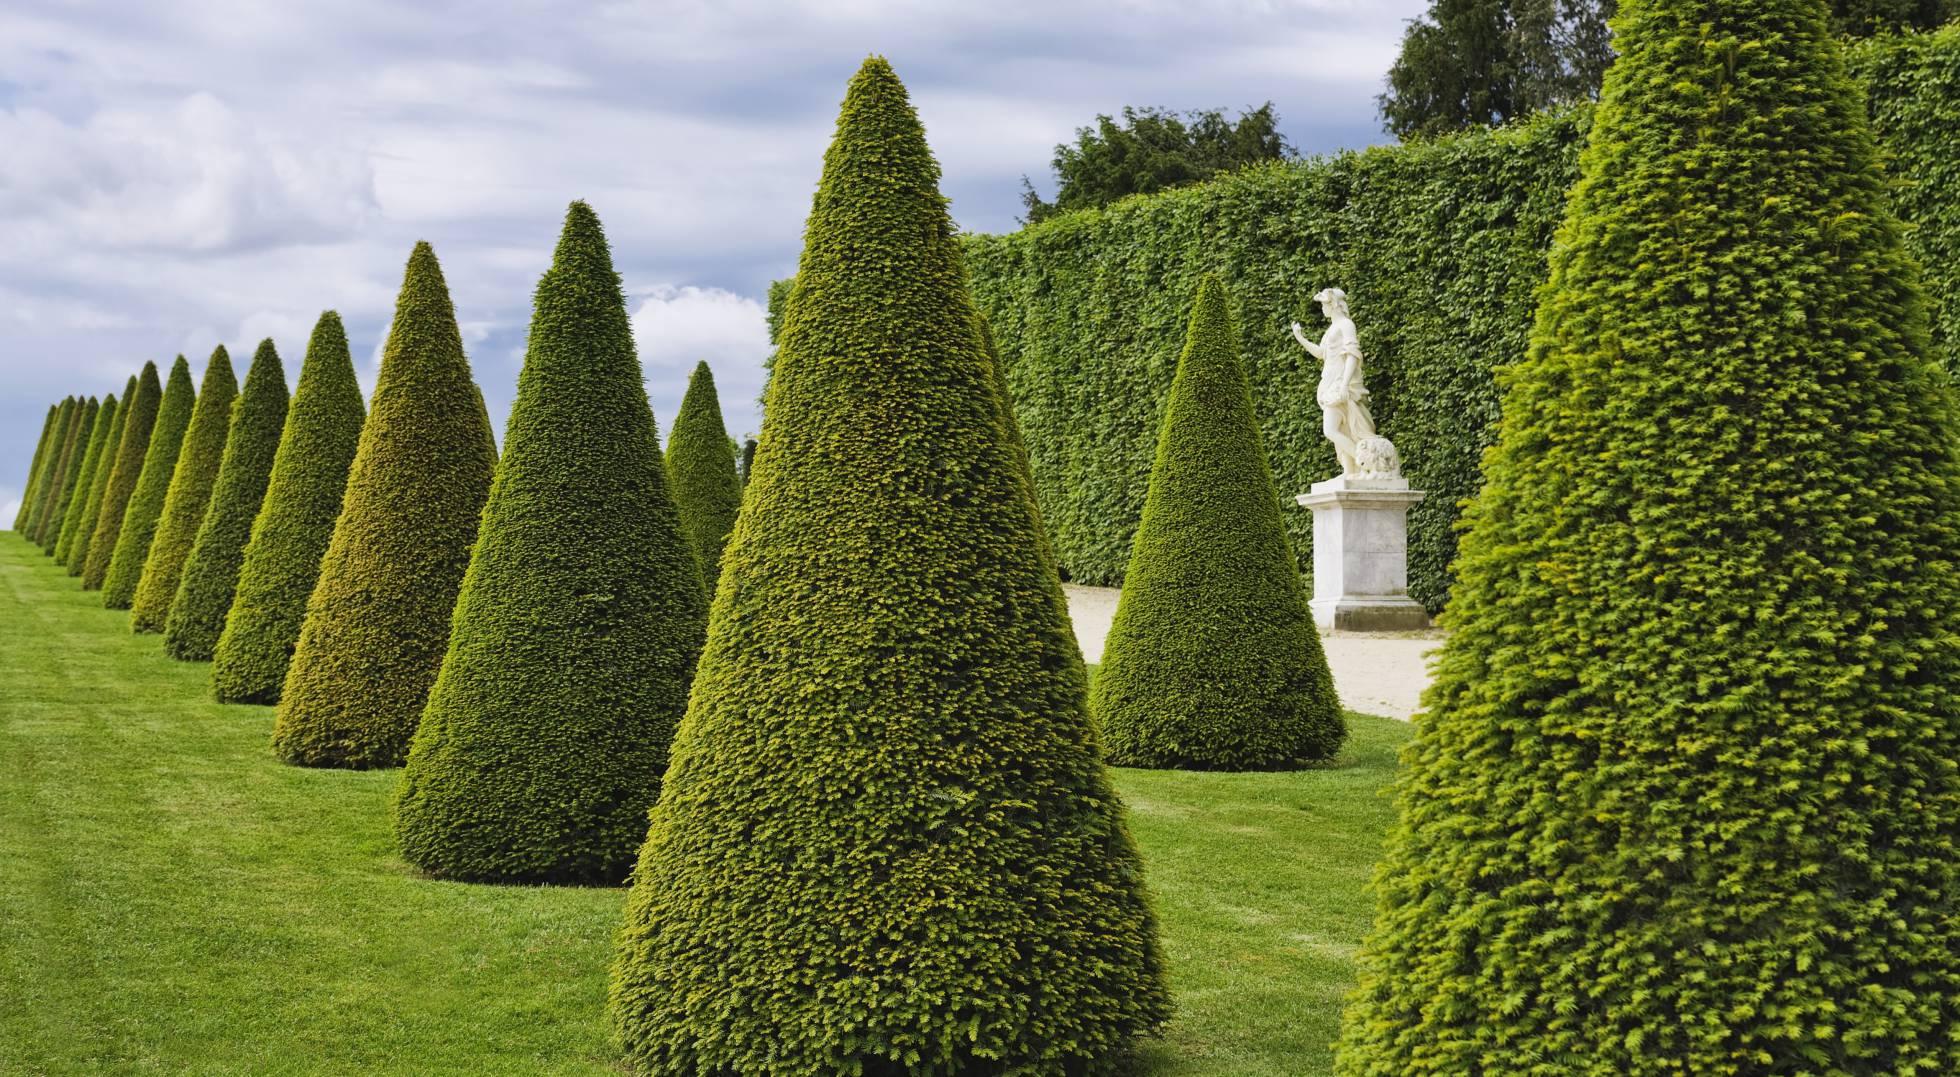 20 jardines maravillosos para disfrutar este verano